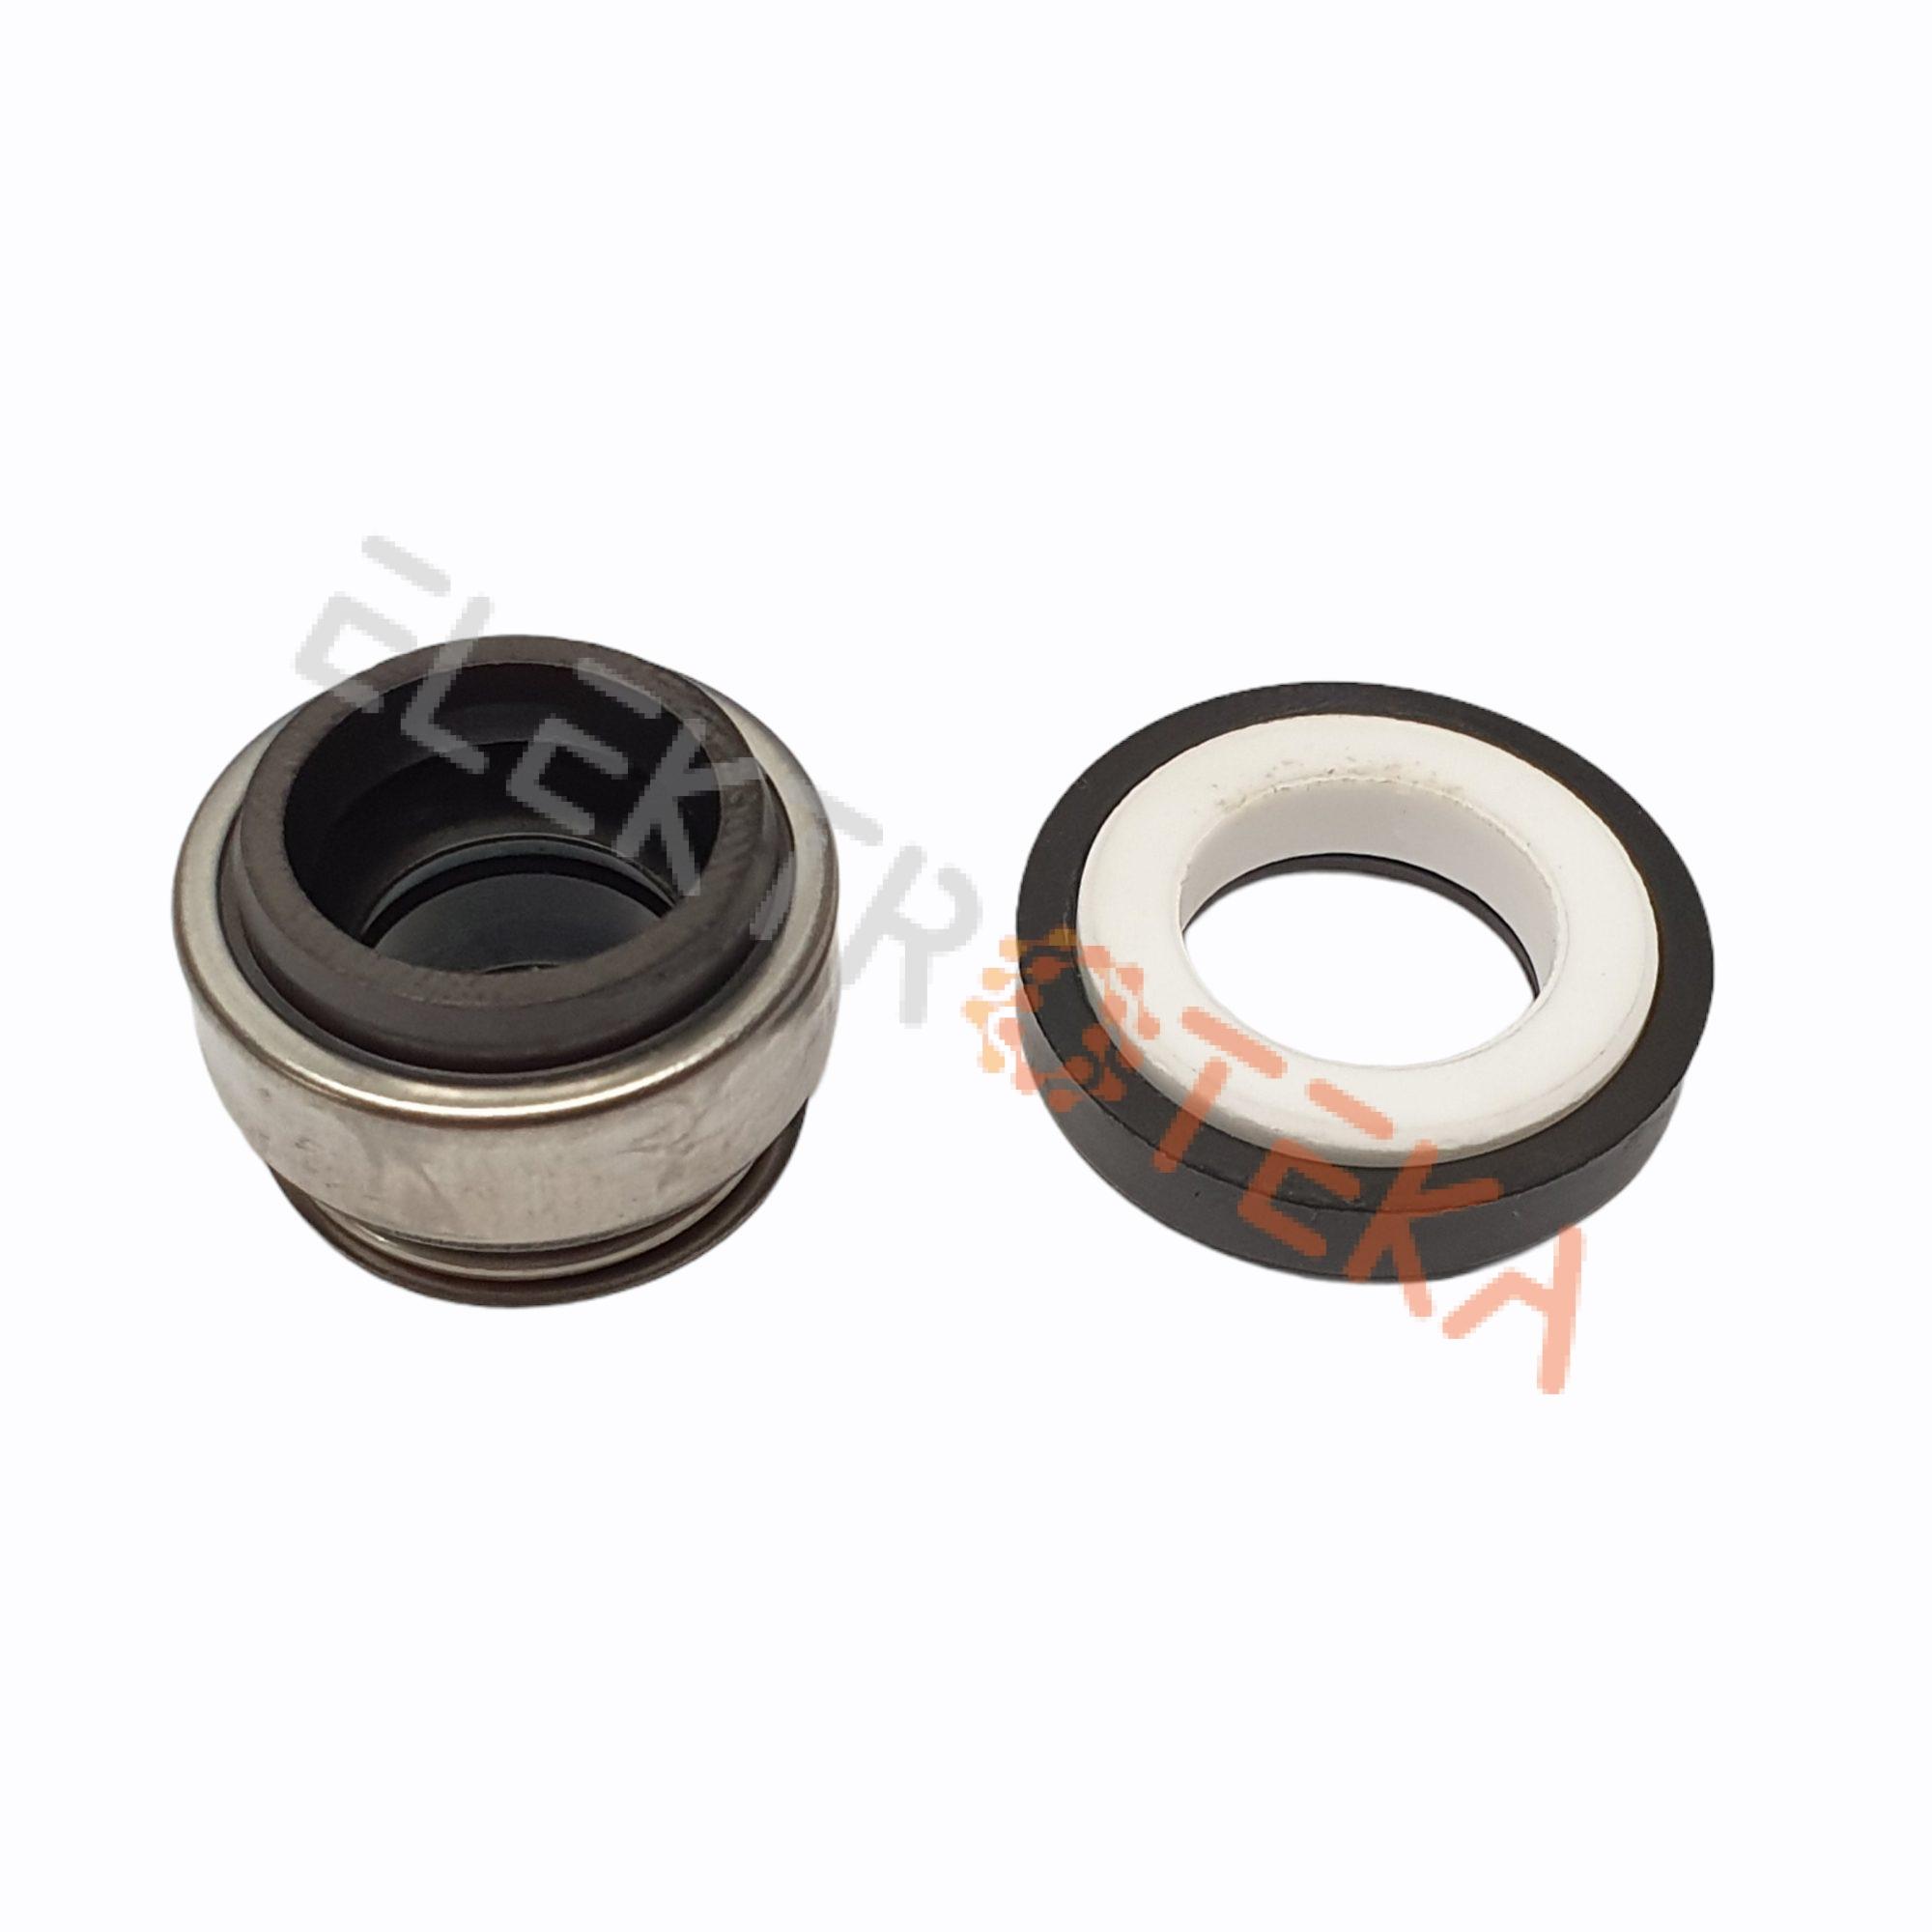 Riebuokšlis fibra ašiai(vidus) ø 12mm keramikos žiedo išorė ø 26mm žiedo aukštis 8,3mm